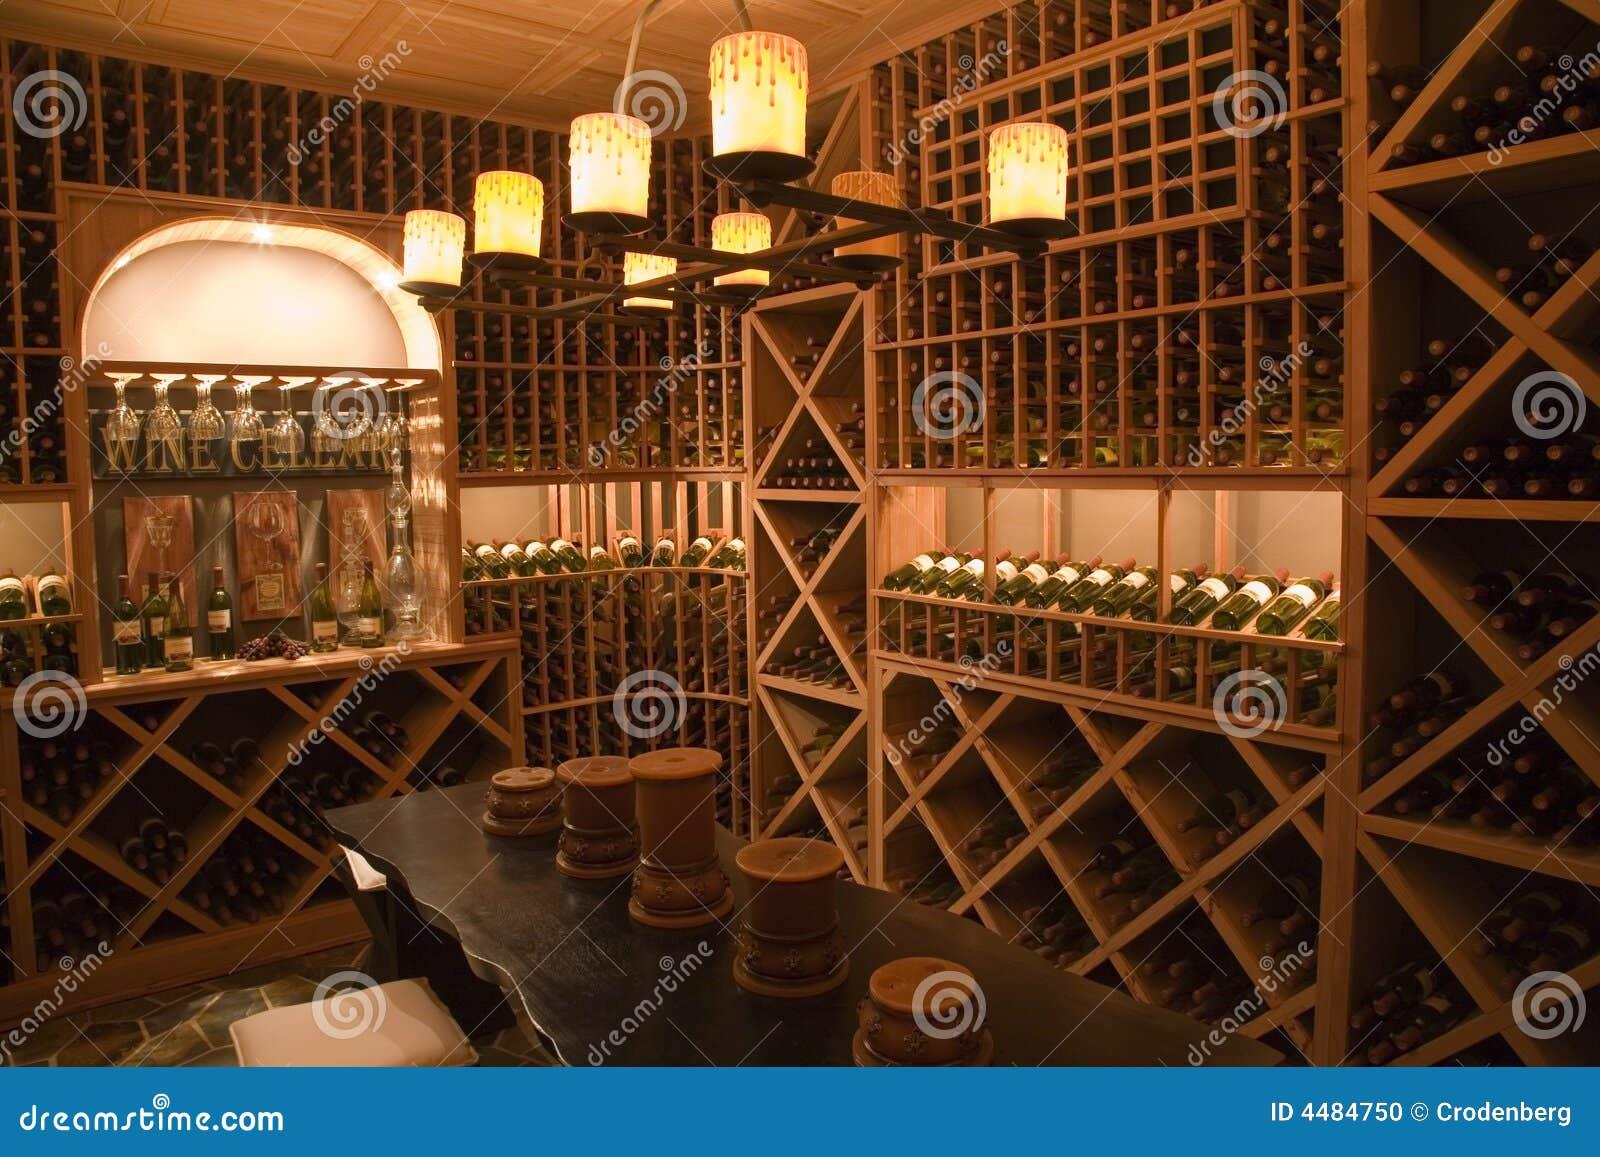 Luxury Home Wine Cellar Stock Photo Image Of Orange